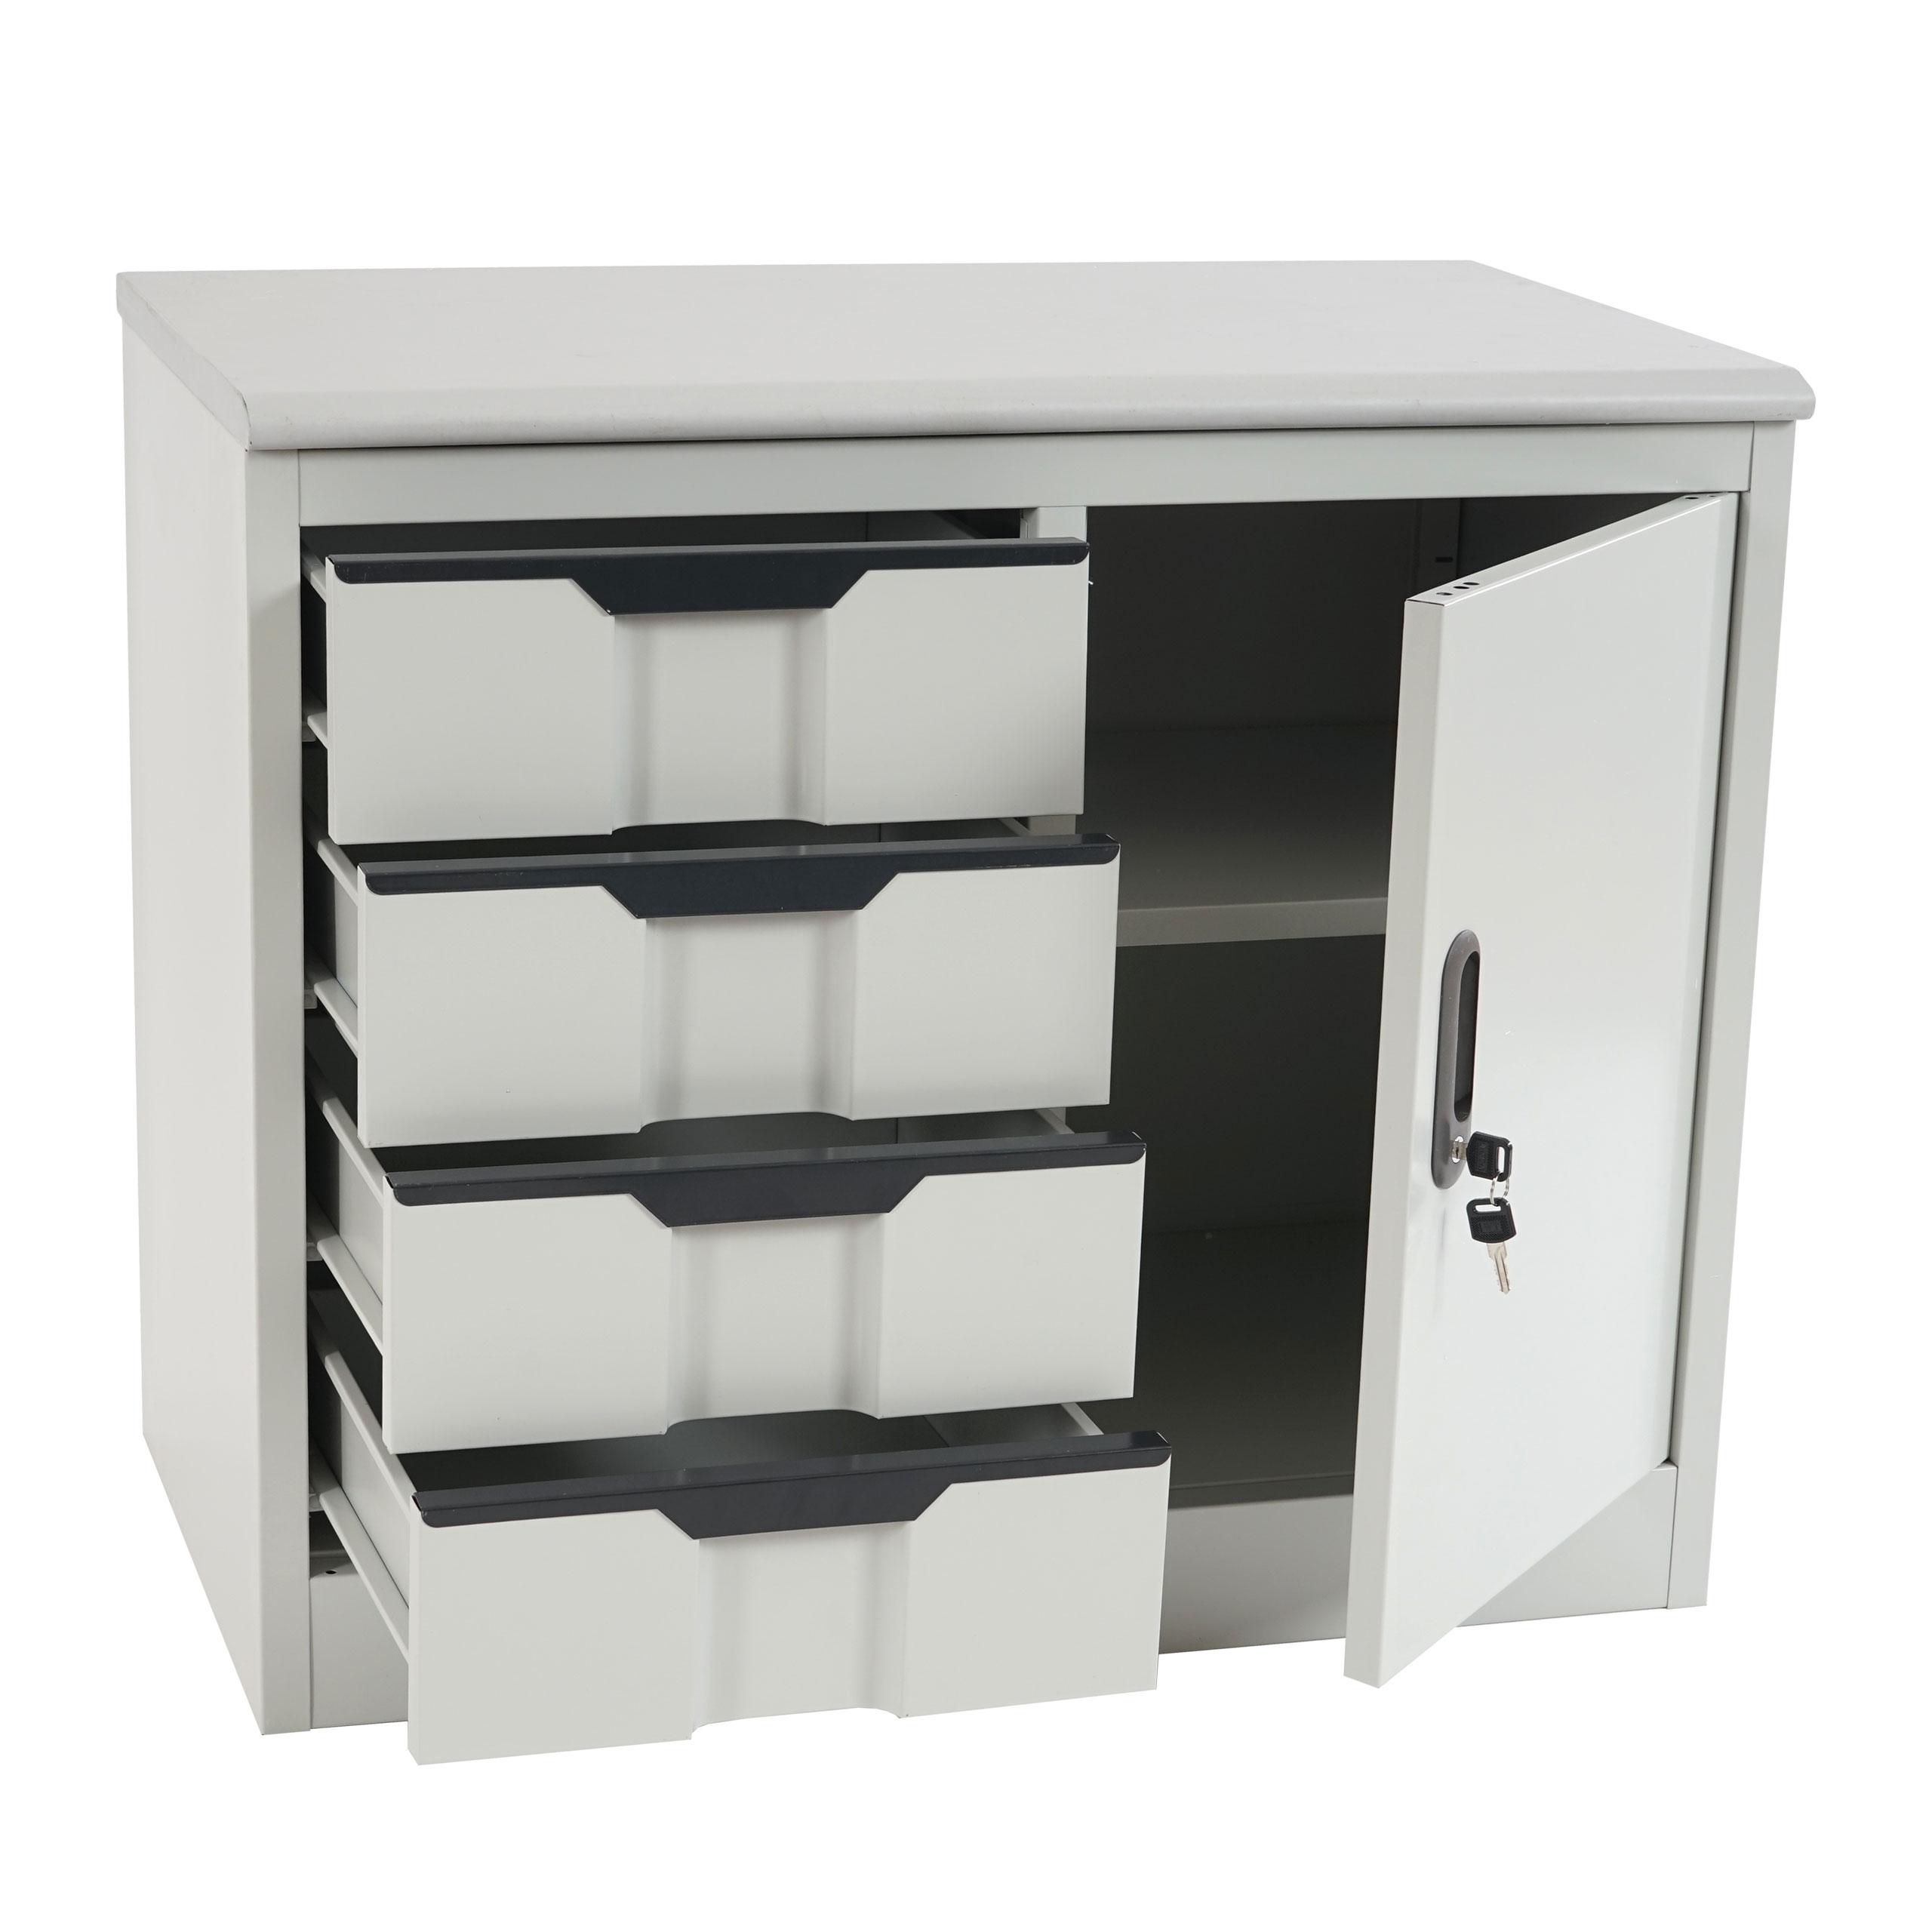 aktenschrank preston t310 b roschrank metallschrank 4 schubladen 70x80x42cm ebay. Black Bedroom Furniture Sets. Home Design Ideas